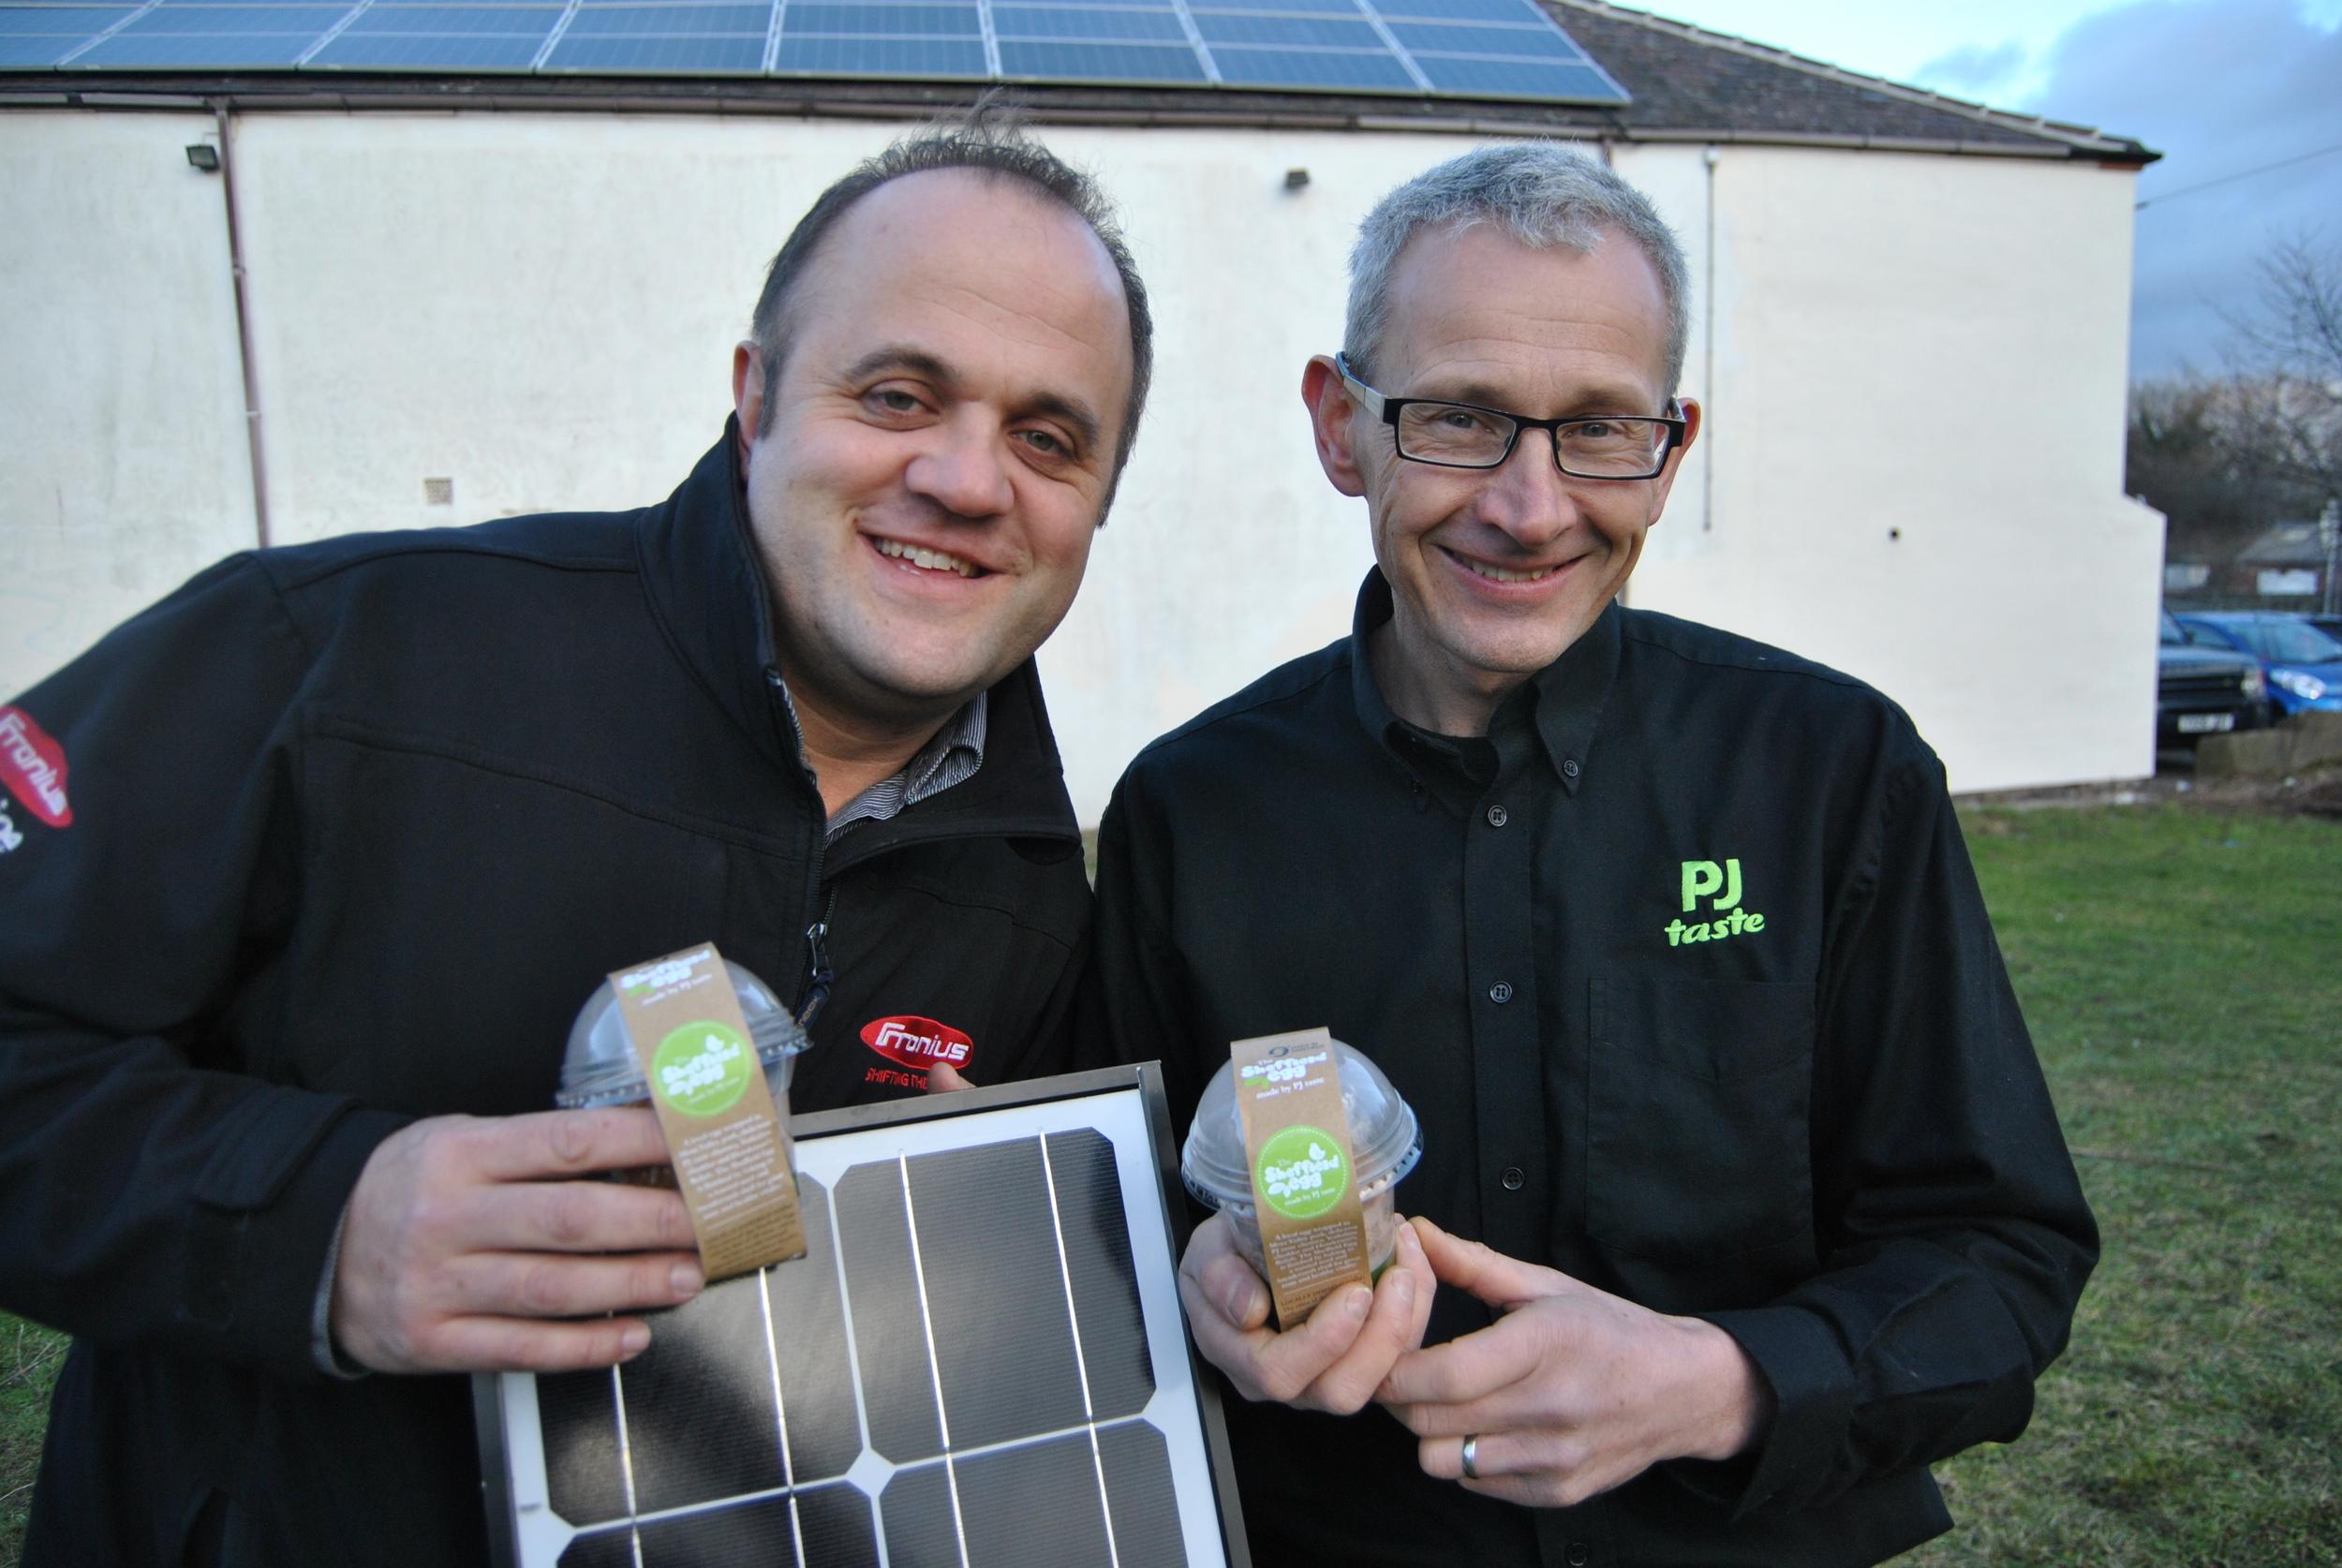 Installation of 37 solar panels at PJ taste